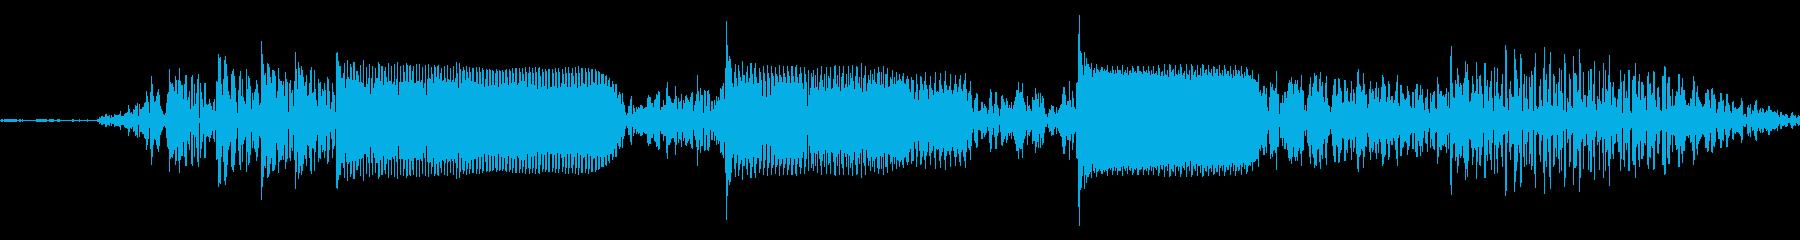 【エレキギター・フレーズ】R&R風の再生済みの波形